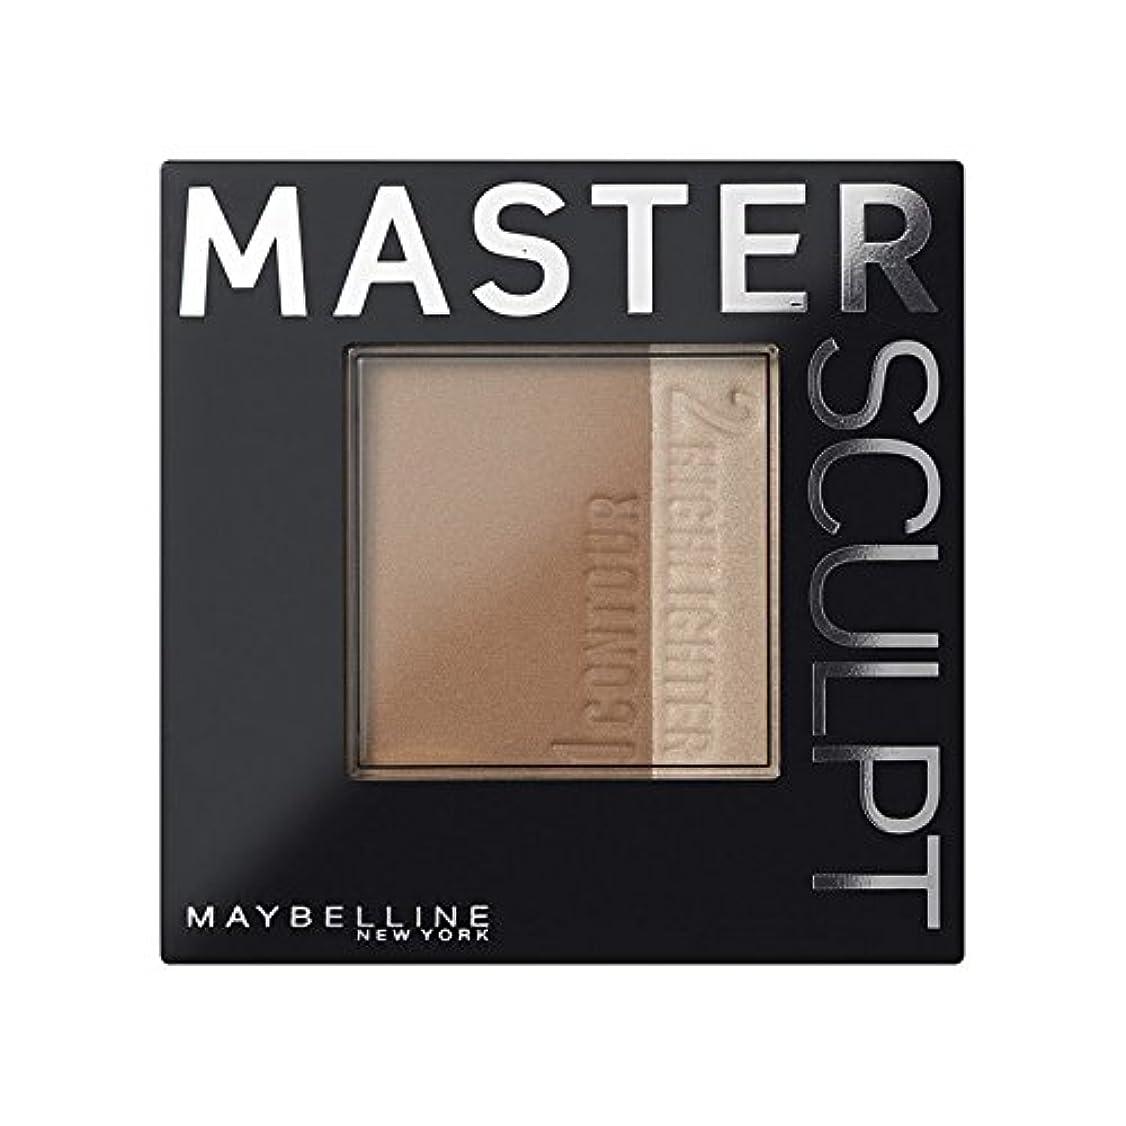 打撃荷物自治的Maybelline Master Sculpt Contouring Foundation 01 Light/Med (Pack of 6) - 土台01光/ を輪郭メイベリンマスタースカルプト x6 [並行輸入品]